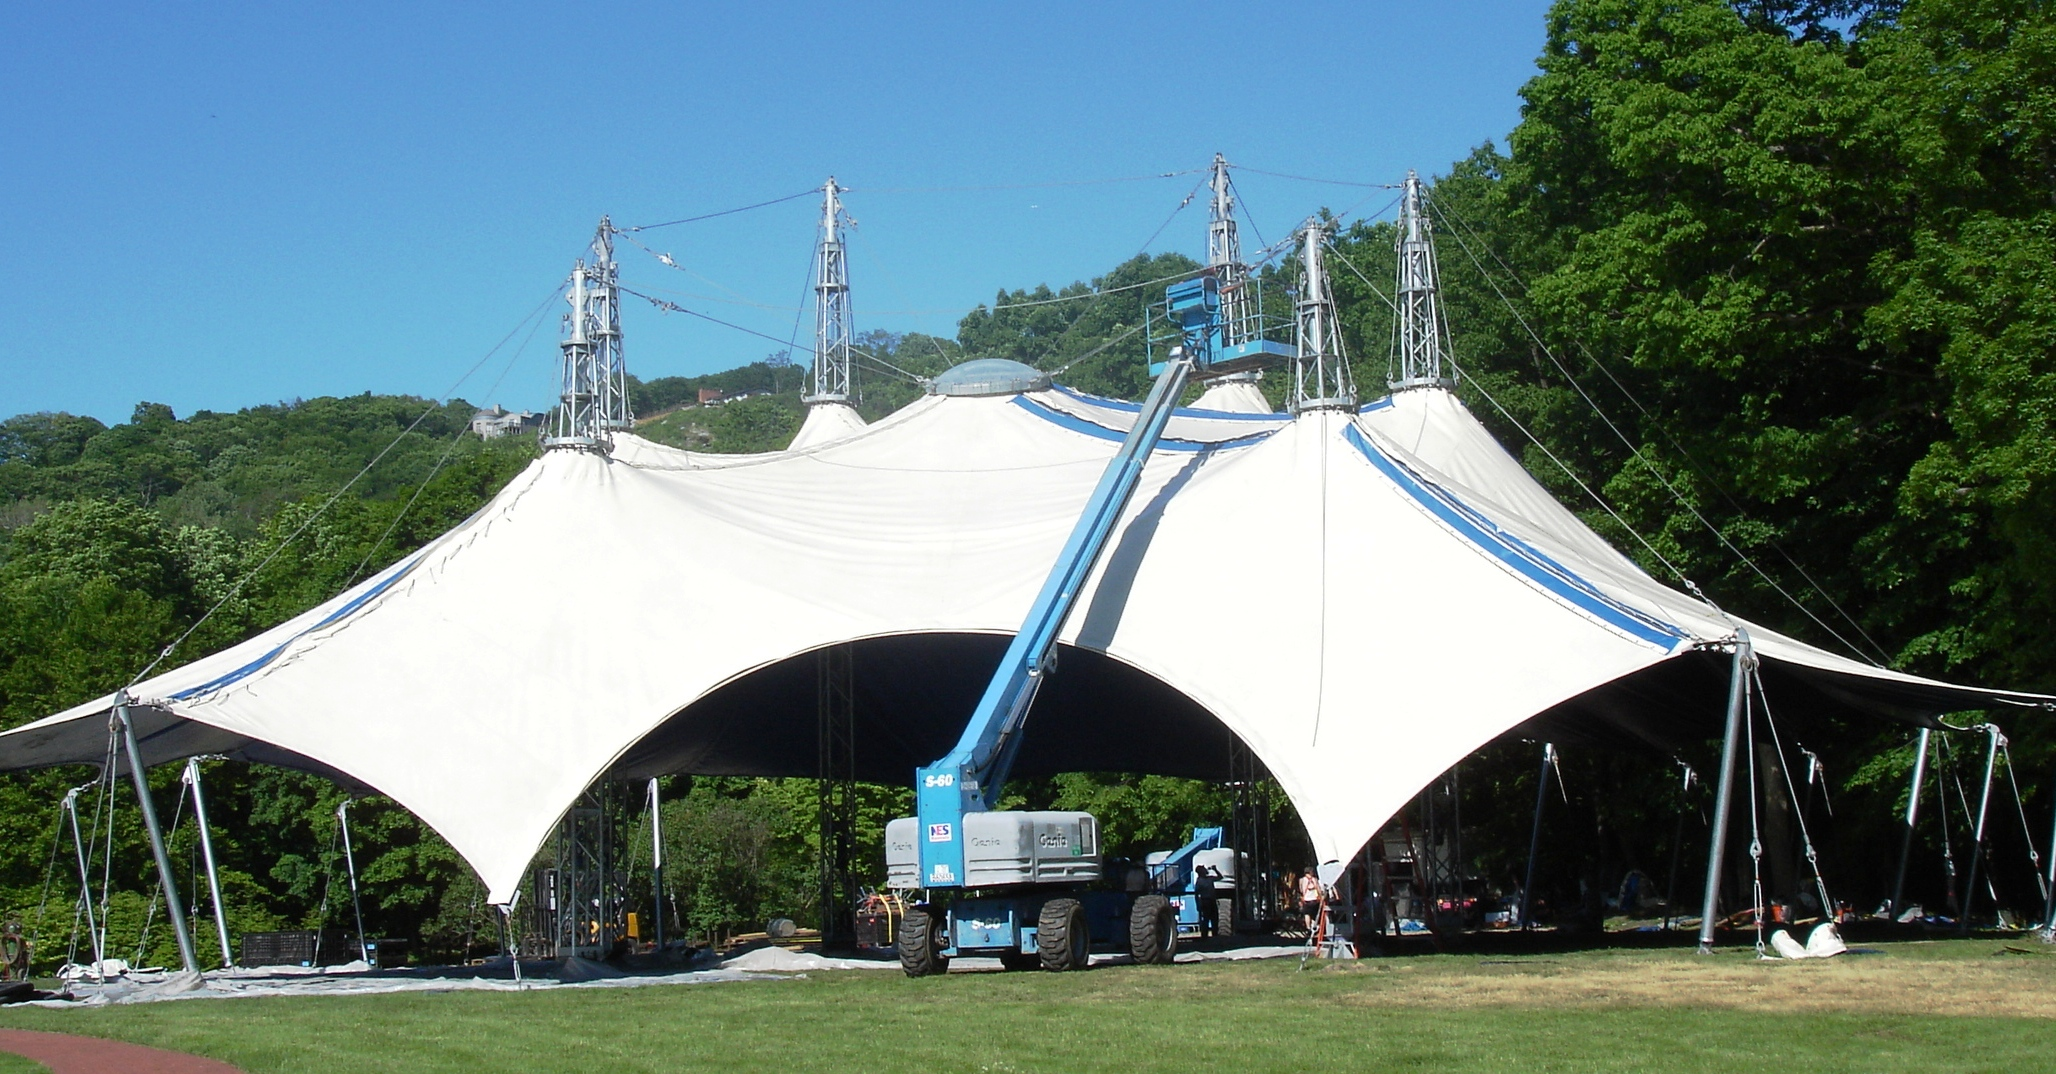 HVSF ... & Tent Goes Up for Hudson Valley Shakespeare Fest | Highlands Current